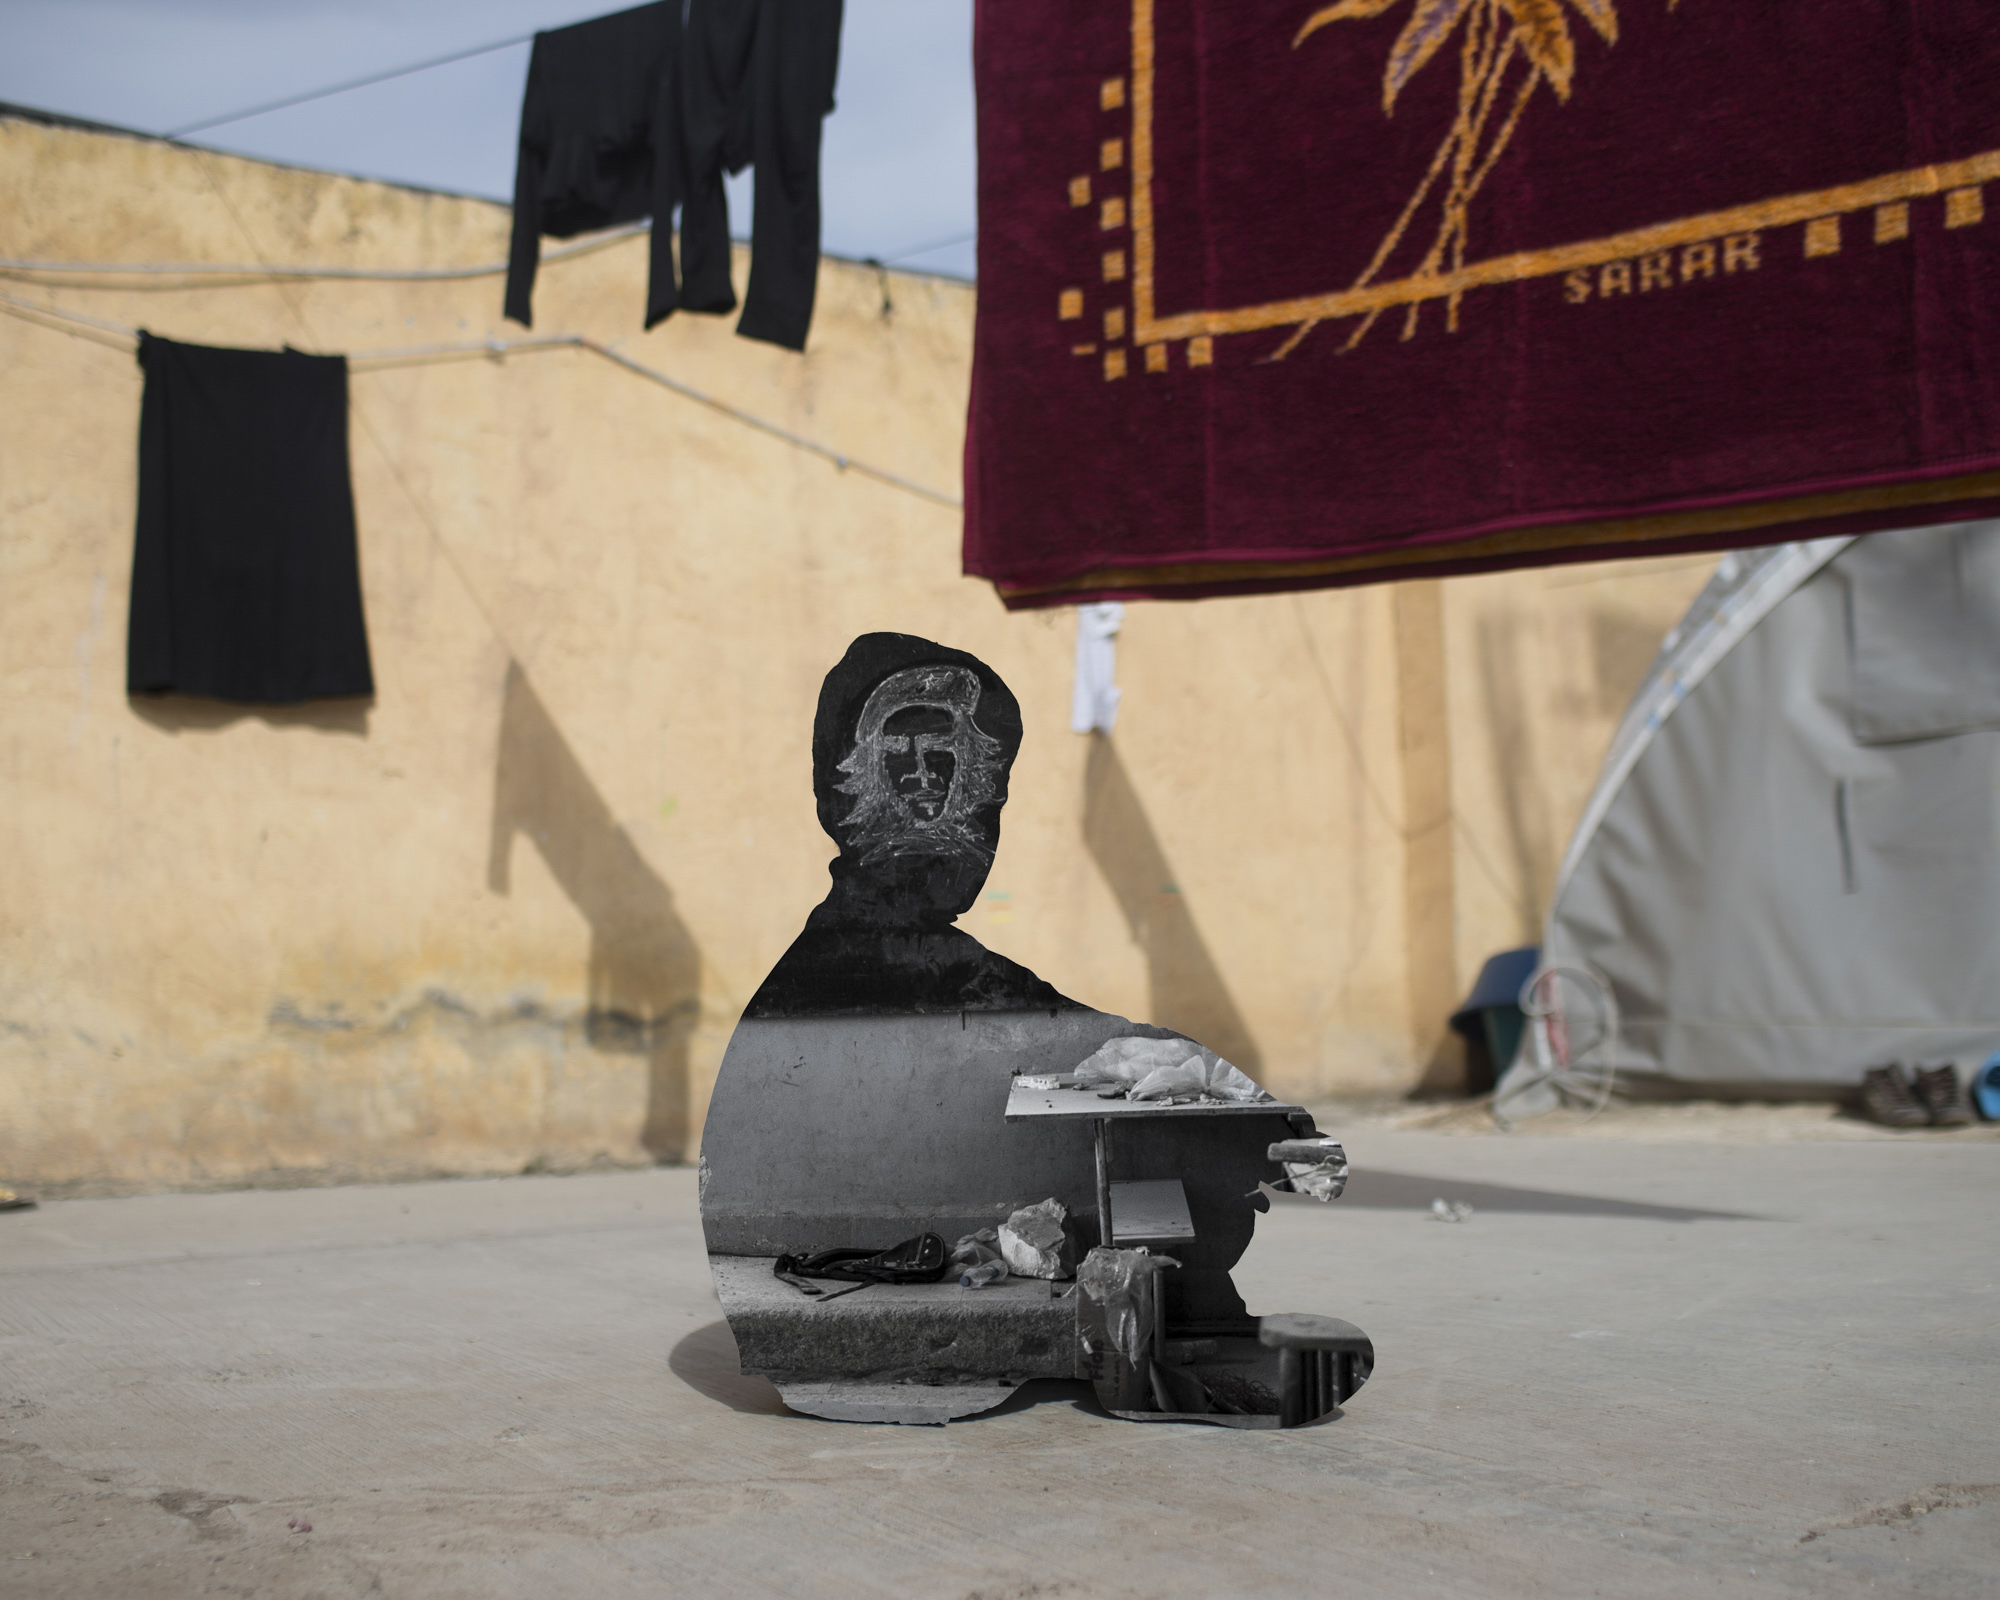 Sony Dünya Fotoğrafçılık Ödüllerine başvurular başladı